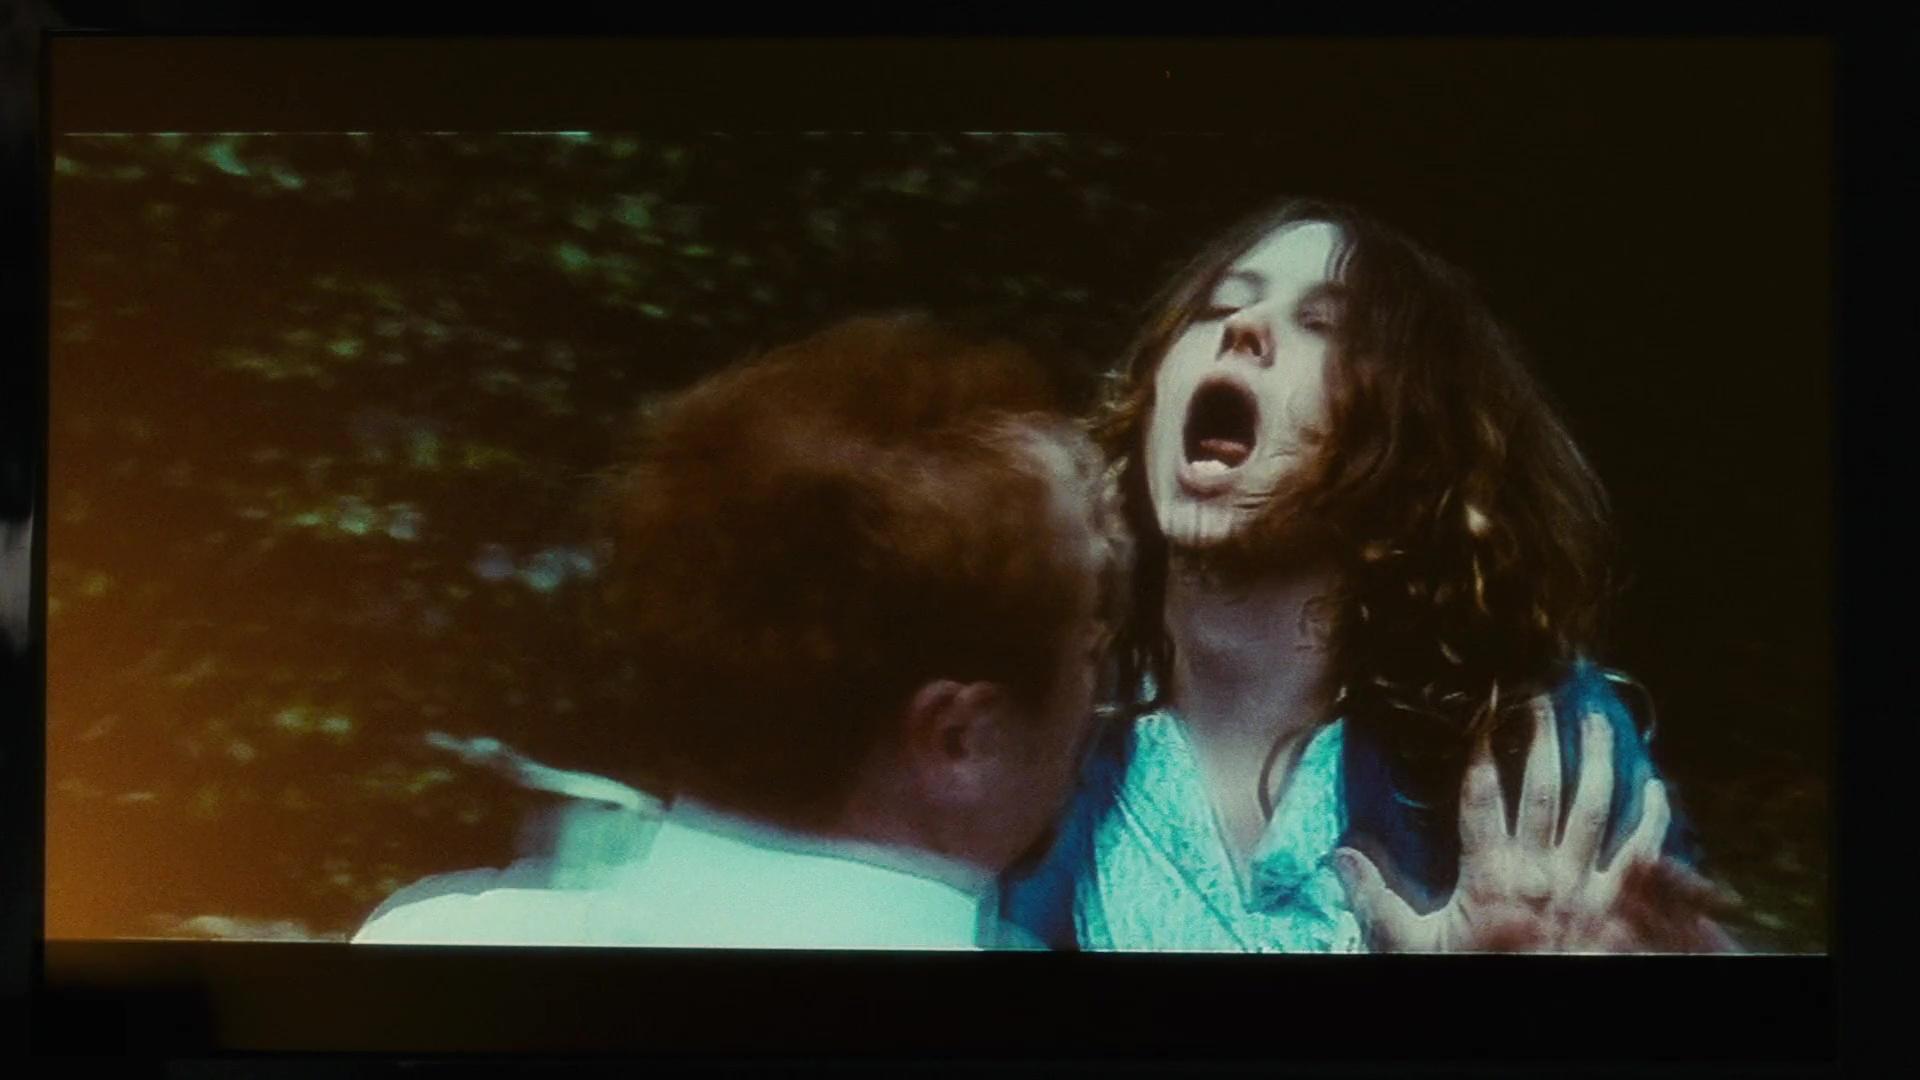 Scream 4 film still 2